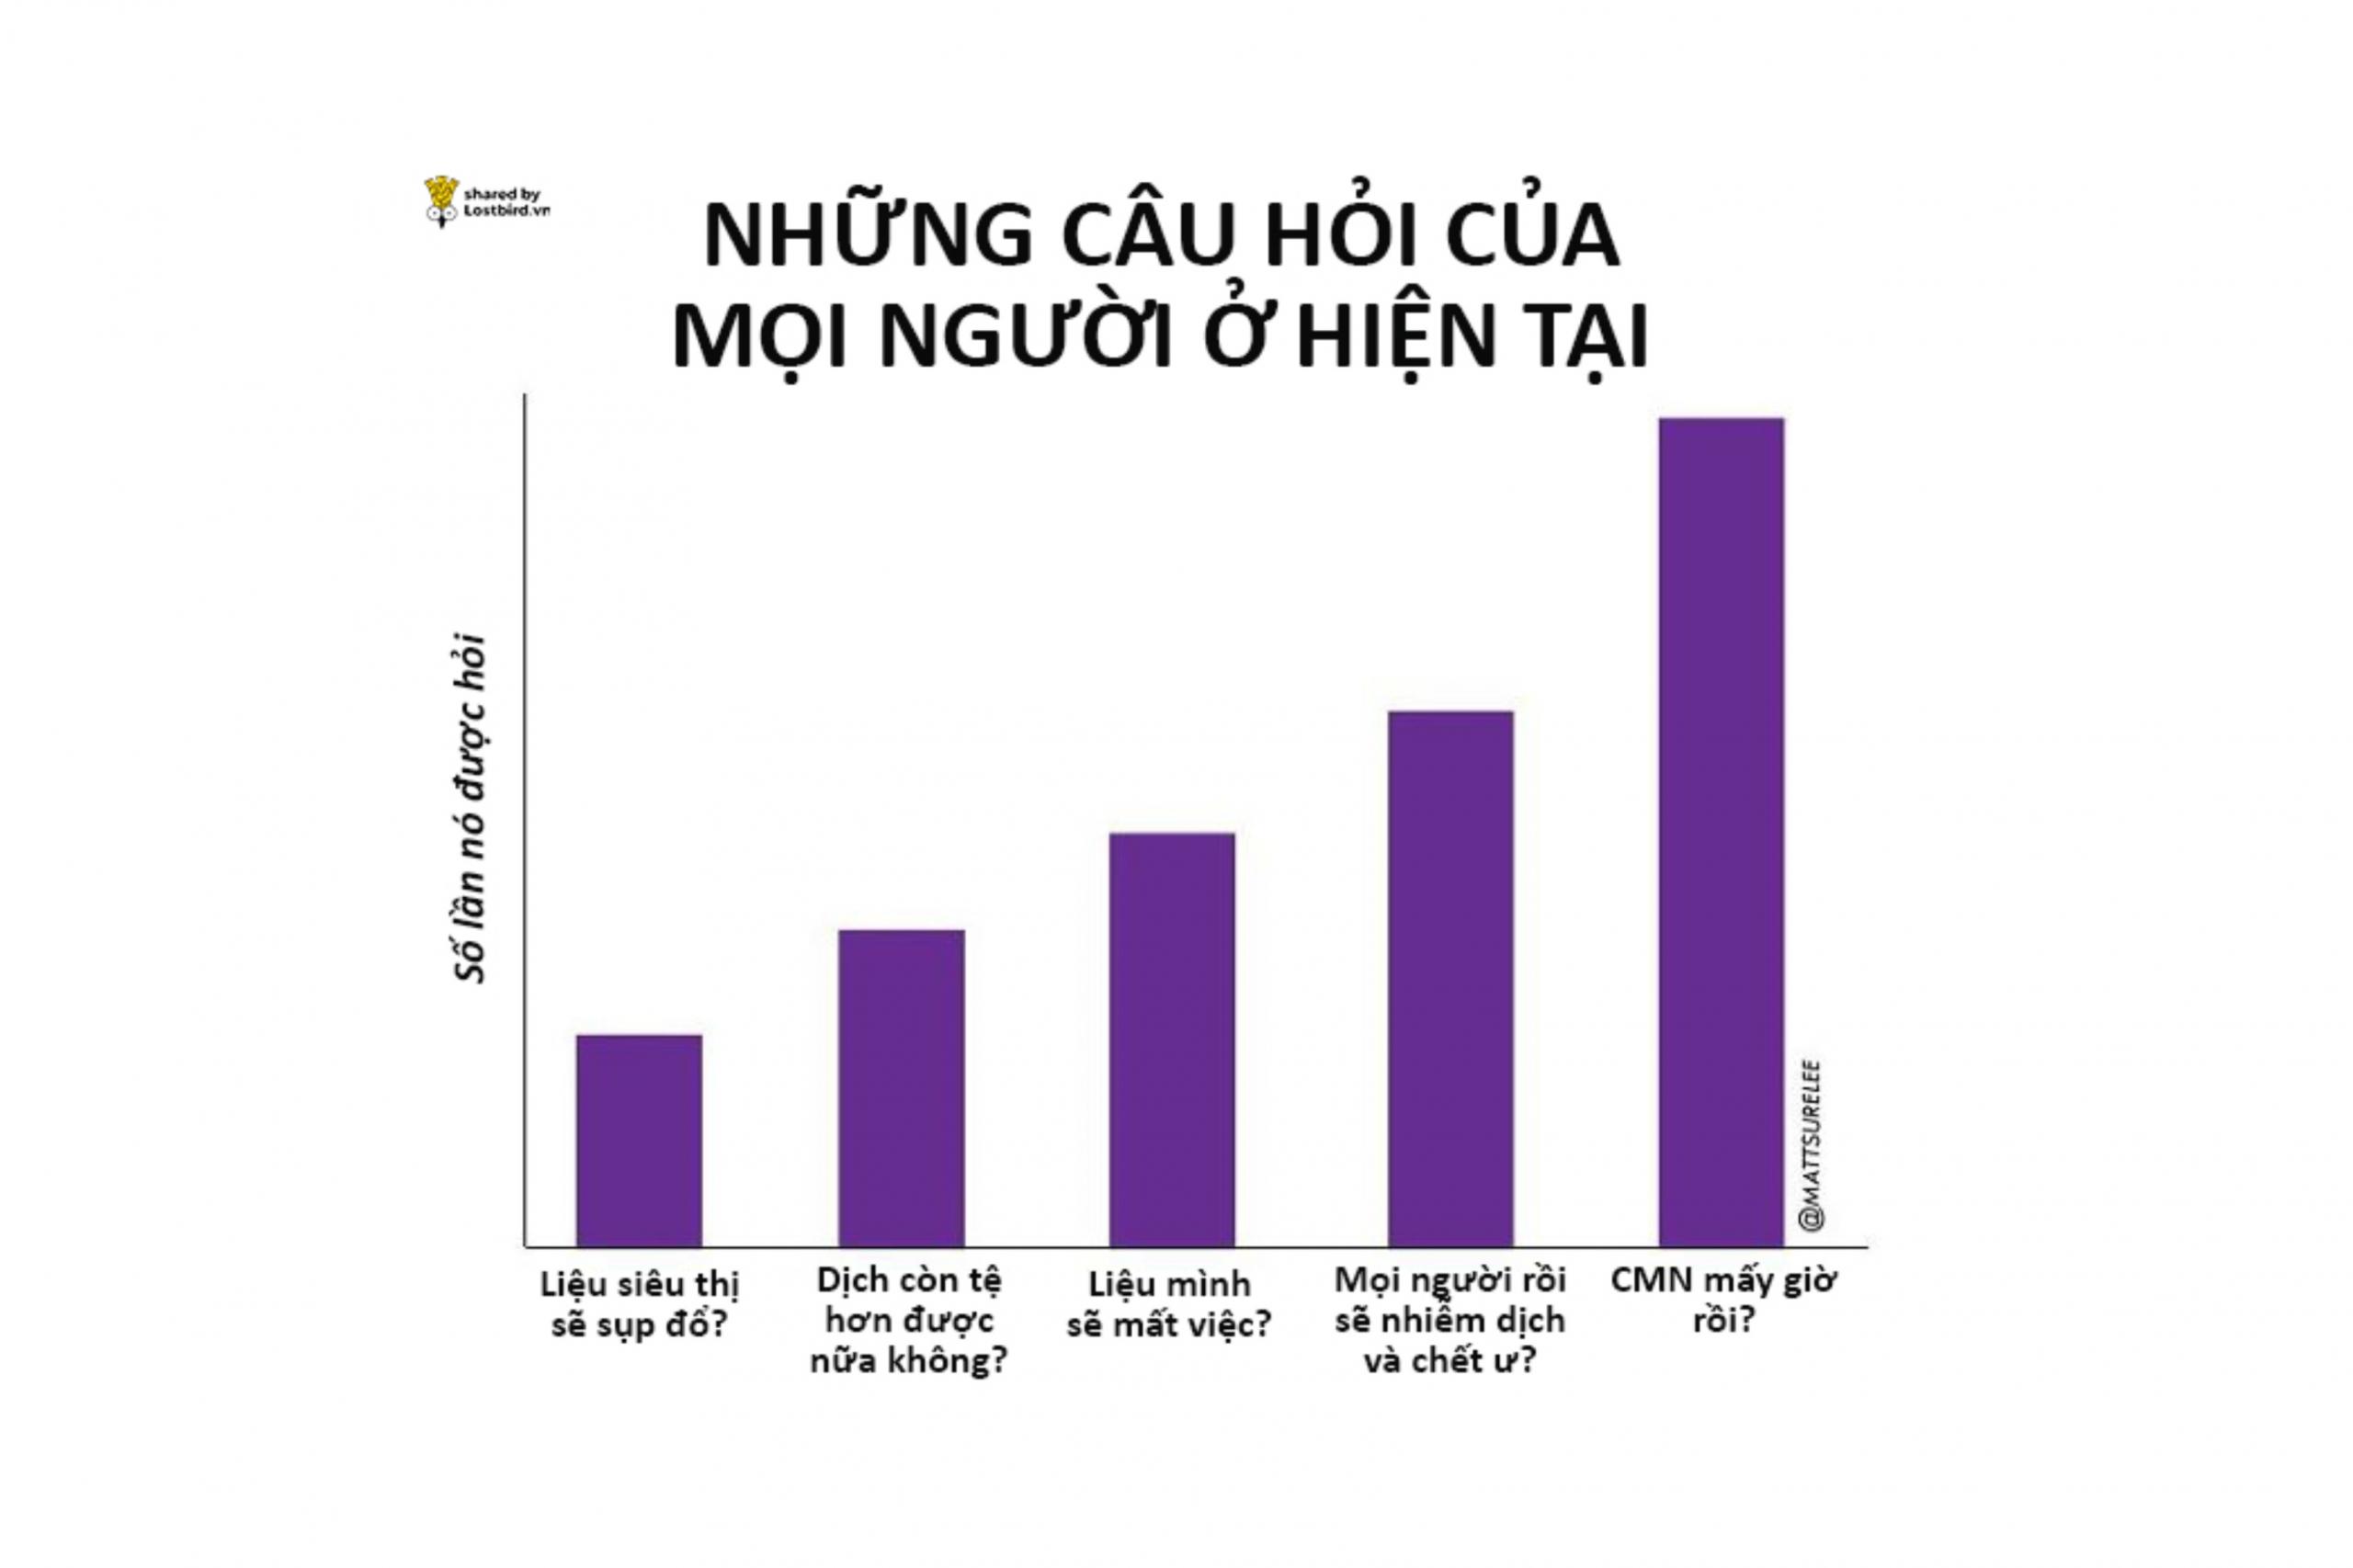 'Tôi đã khóc vì cười quá nhiều' khi nhìn lại mùa dịch Covid-19 qua loạt biểu đồ này